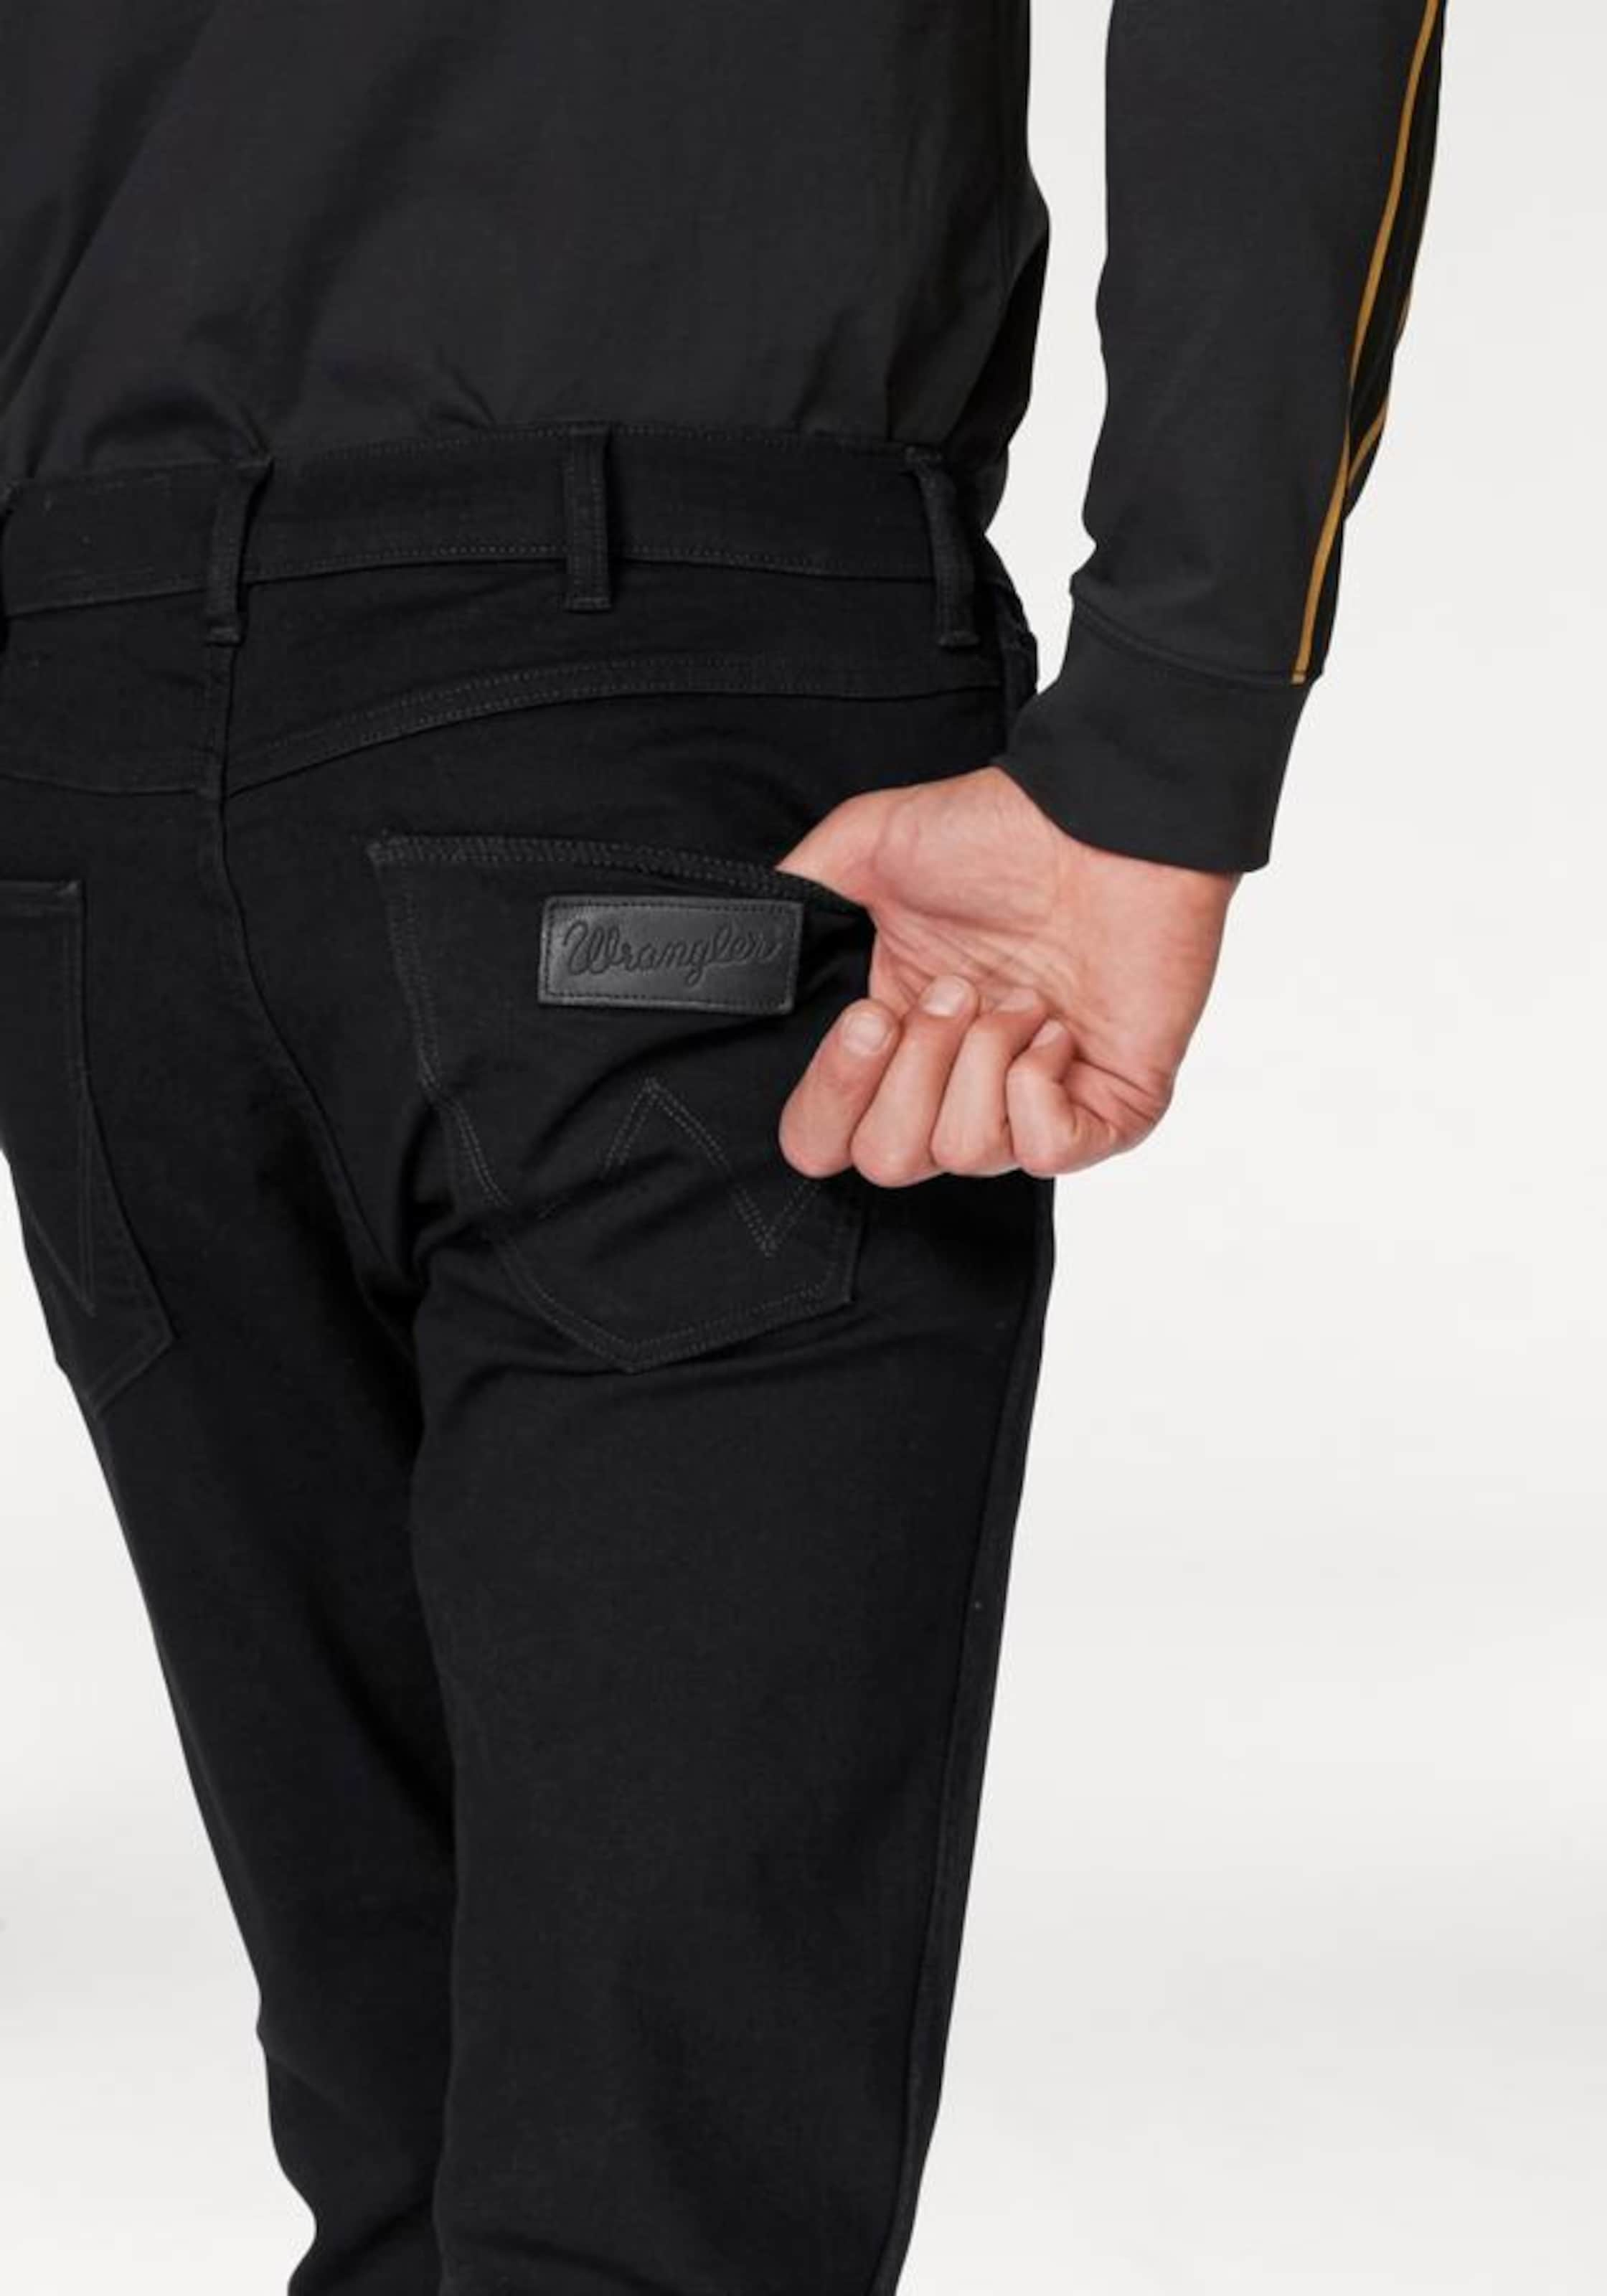 Freies Verschiffen Zahlen Mit Paypal WRANGLER Stretch-Jeans 'Greensboro' Billig Große Überraschung LQqjYlI2